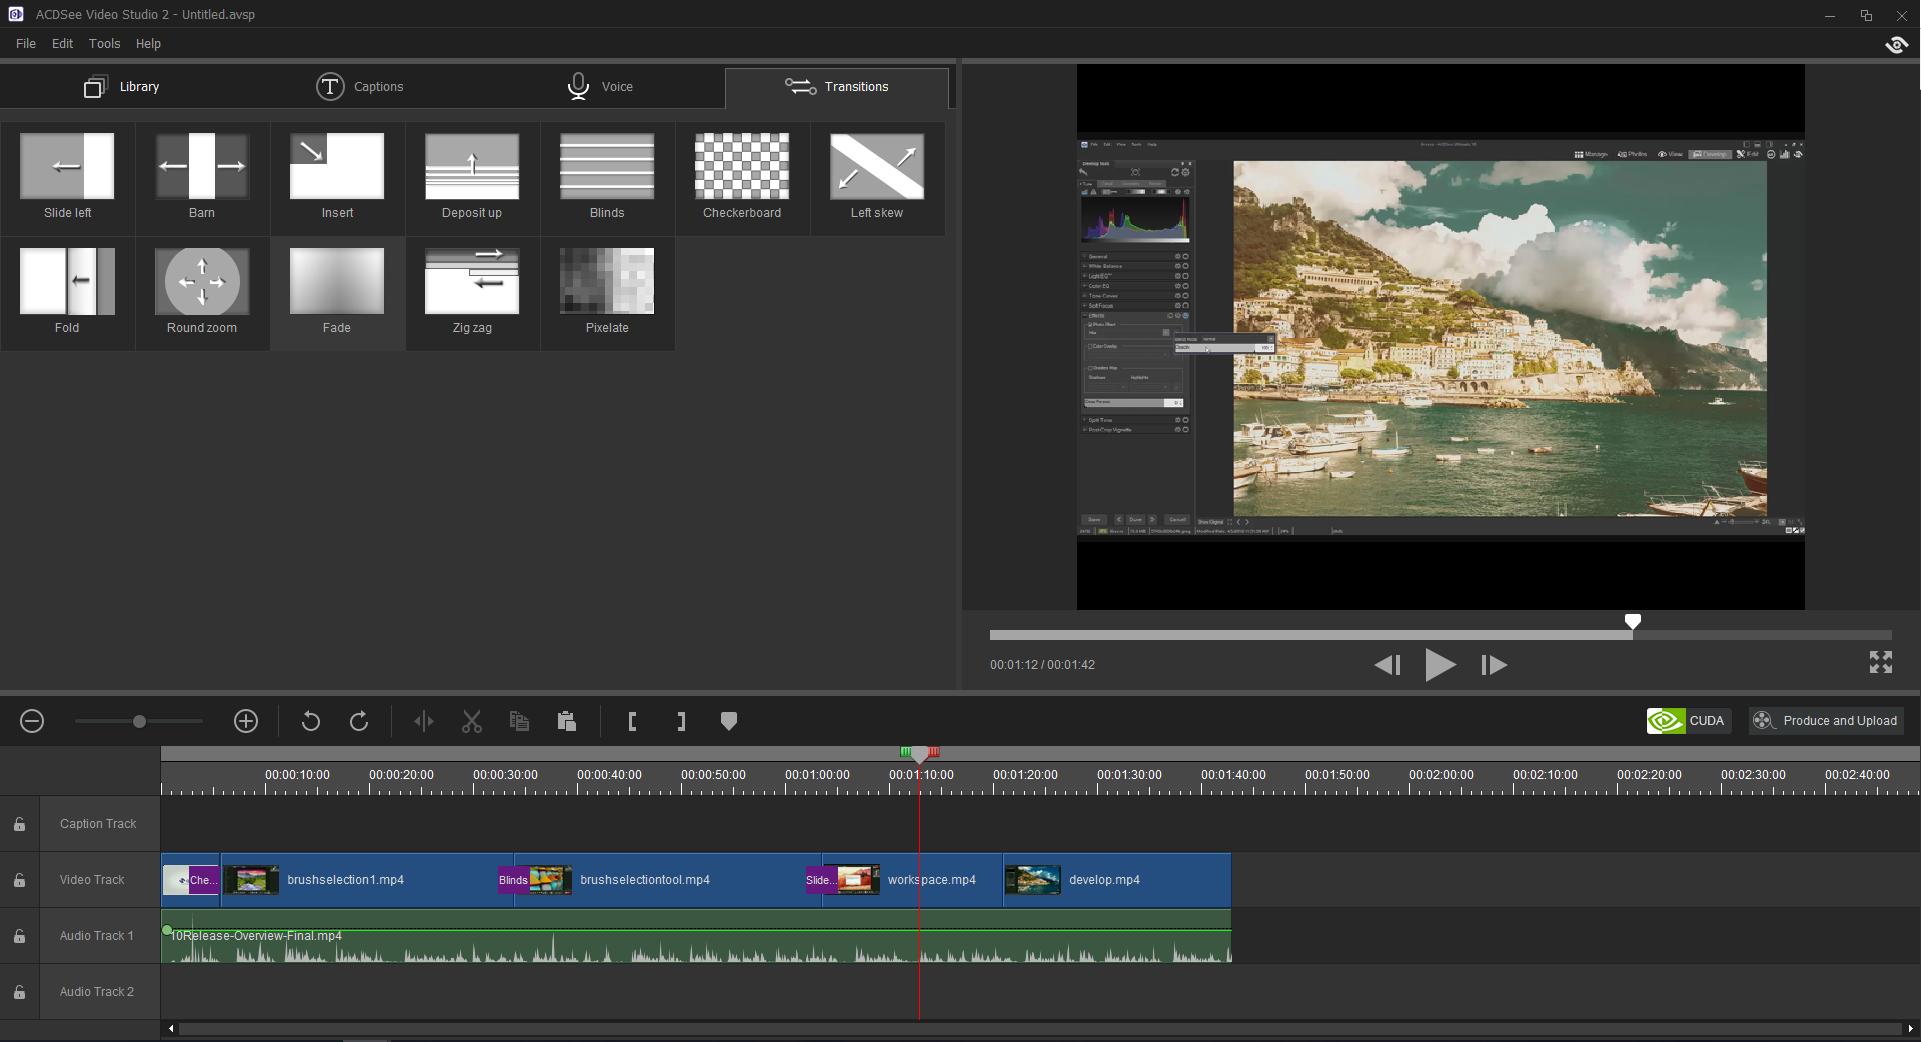 acdsee video studio 2 - Đang miễn phí hai ứng dụng xử lý video trị giá 109,99USD